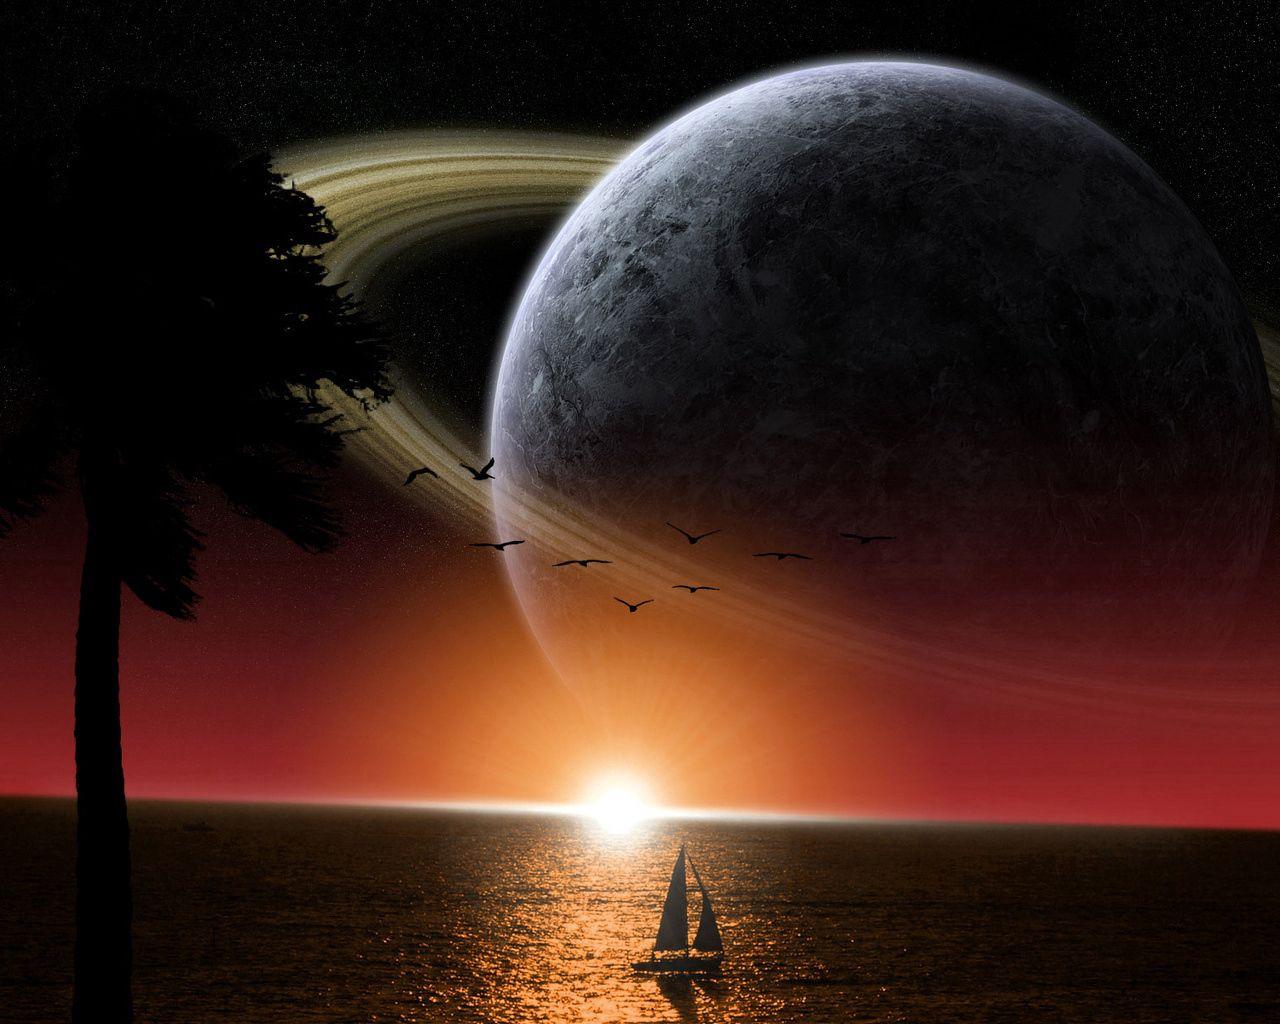 77213 скачать обои Космос, Фэнтези, Сатурн, Море, Солнце, Корабль - заставки и картинки бесплатно